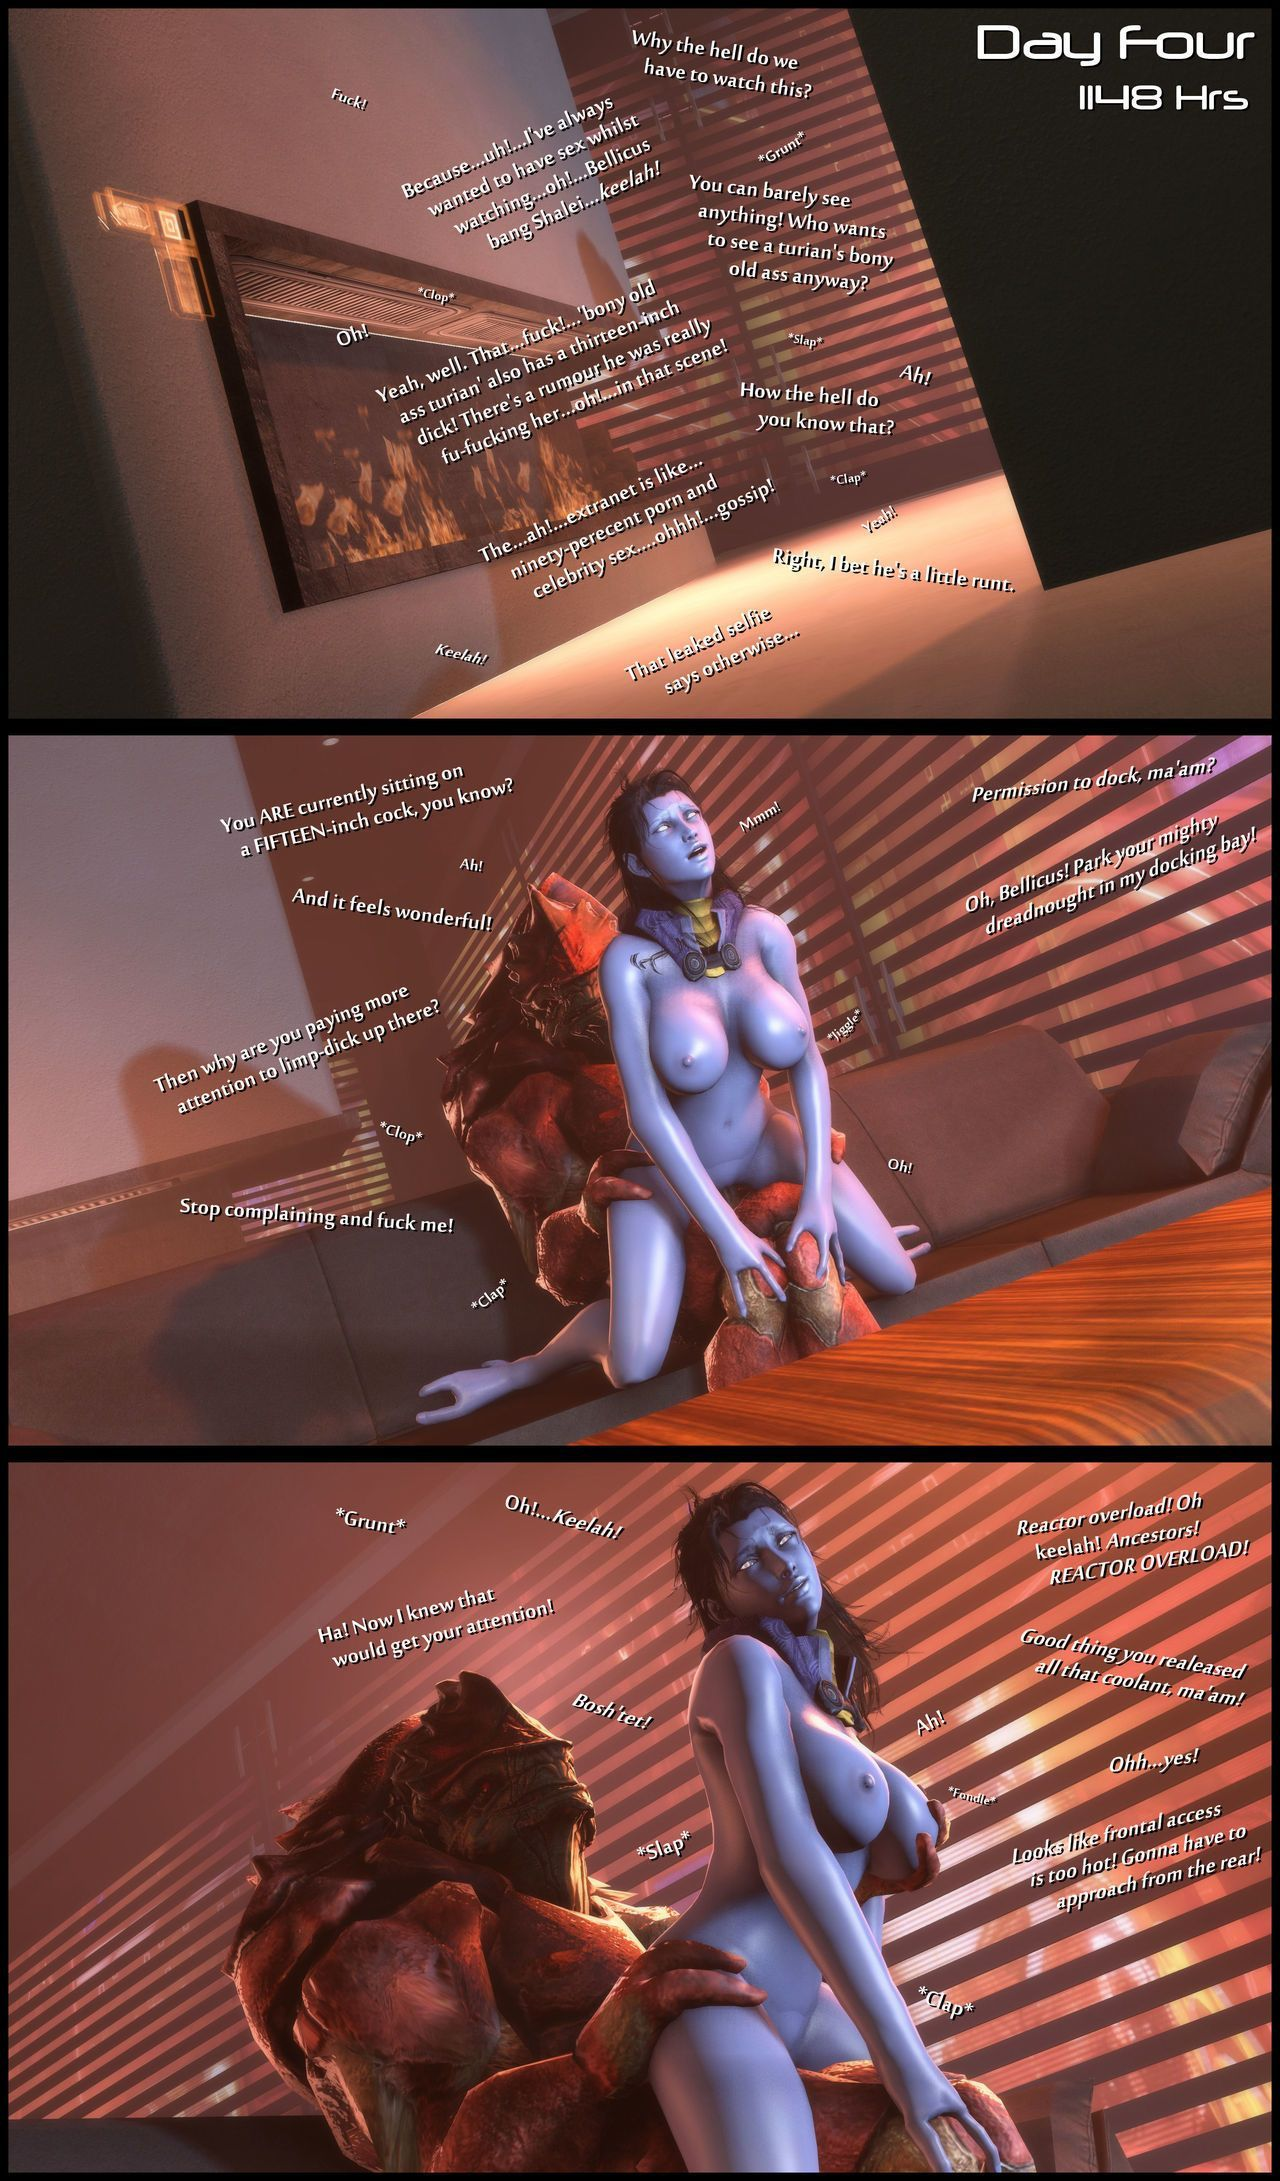 [foab30] Size Queen (Mass Effect) - part 2